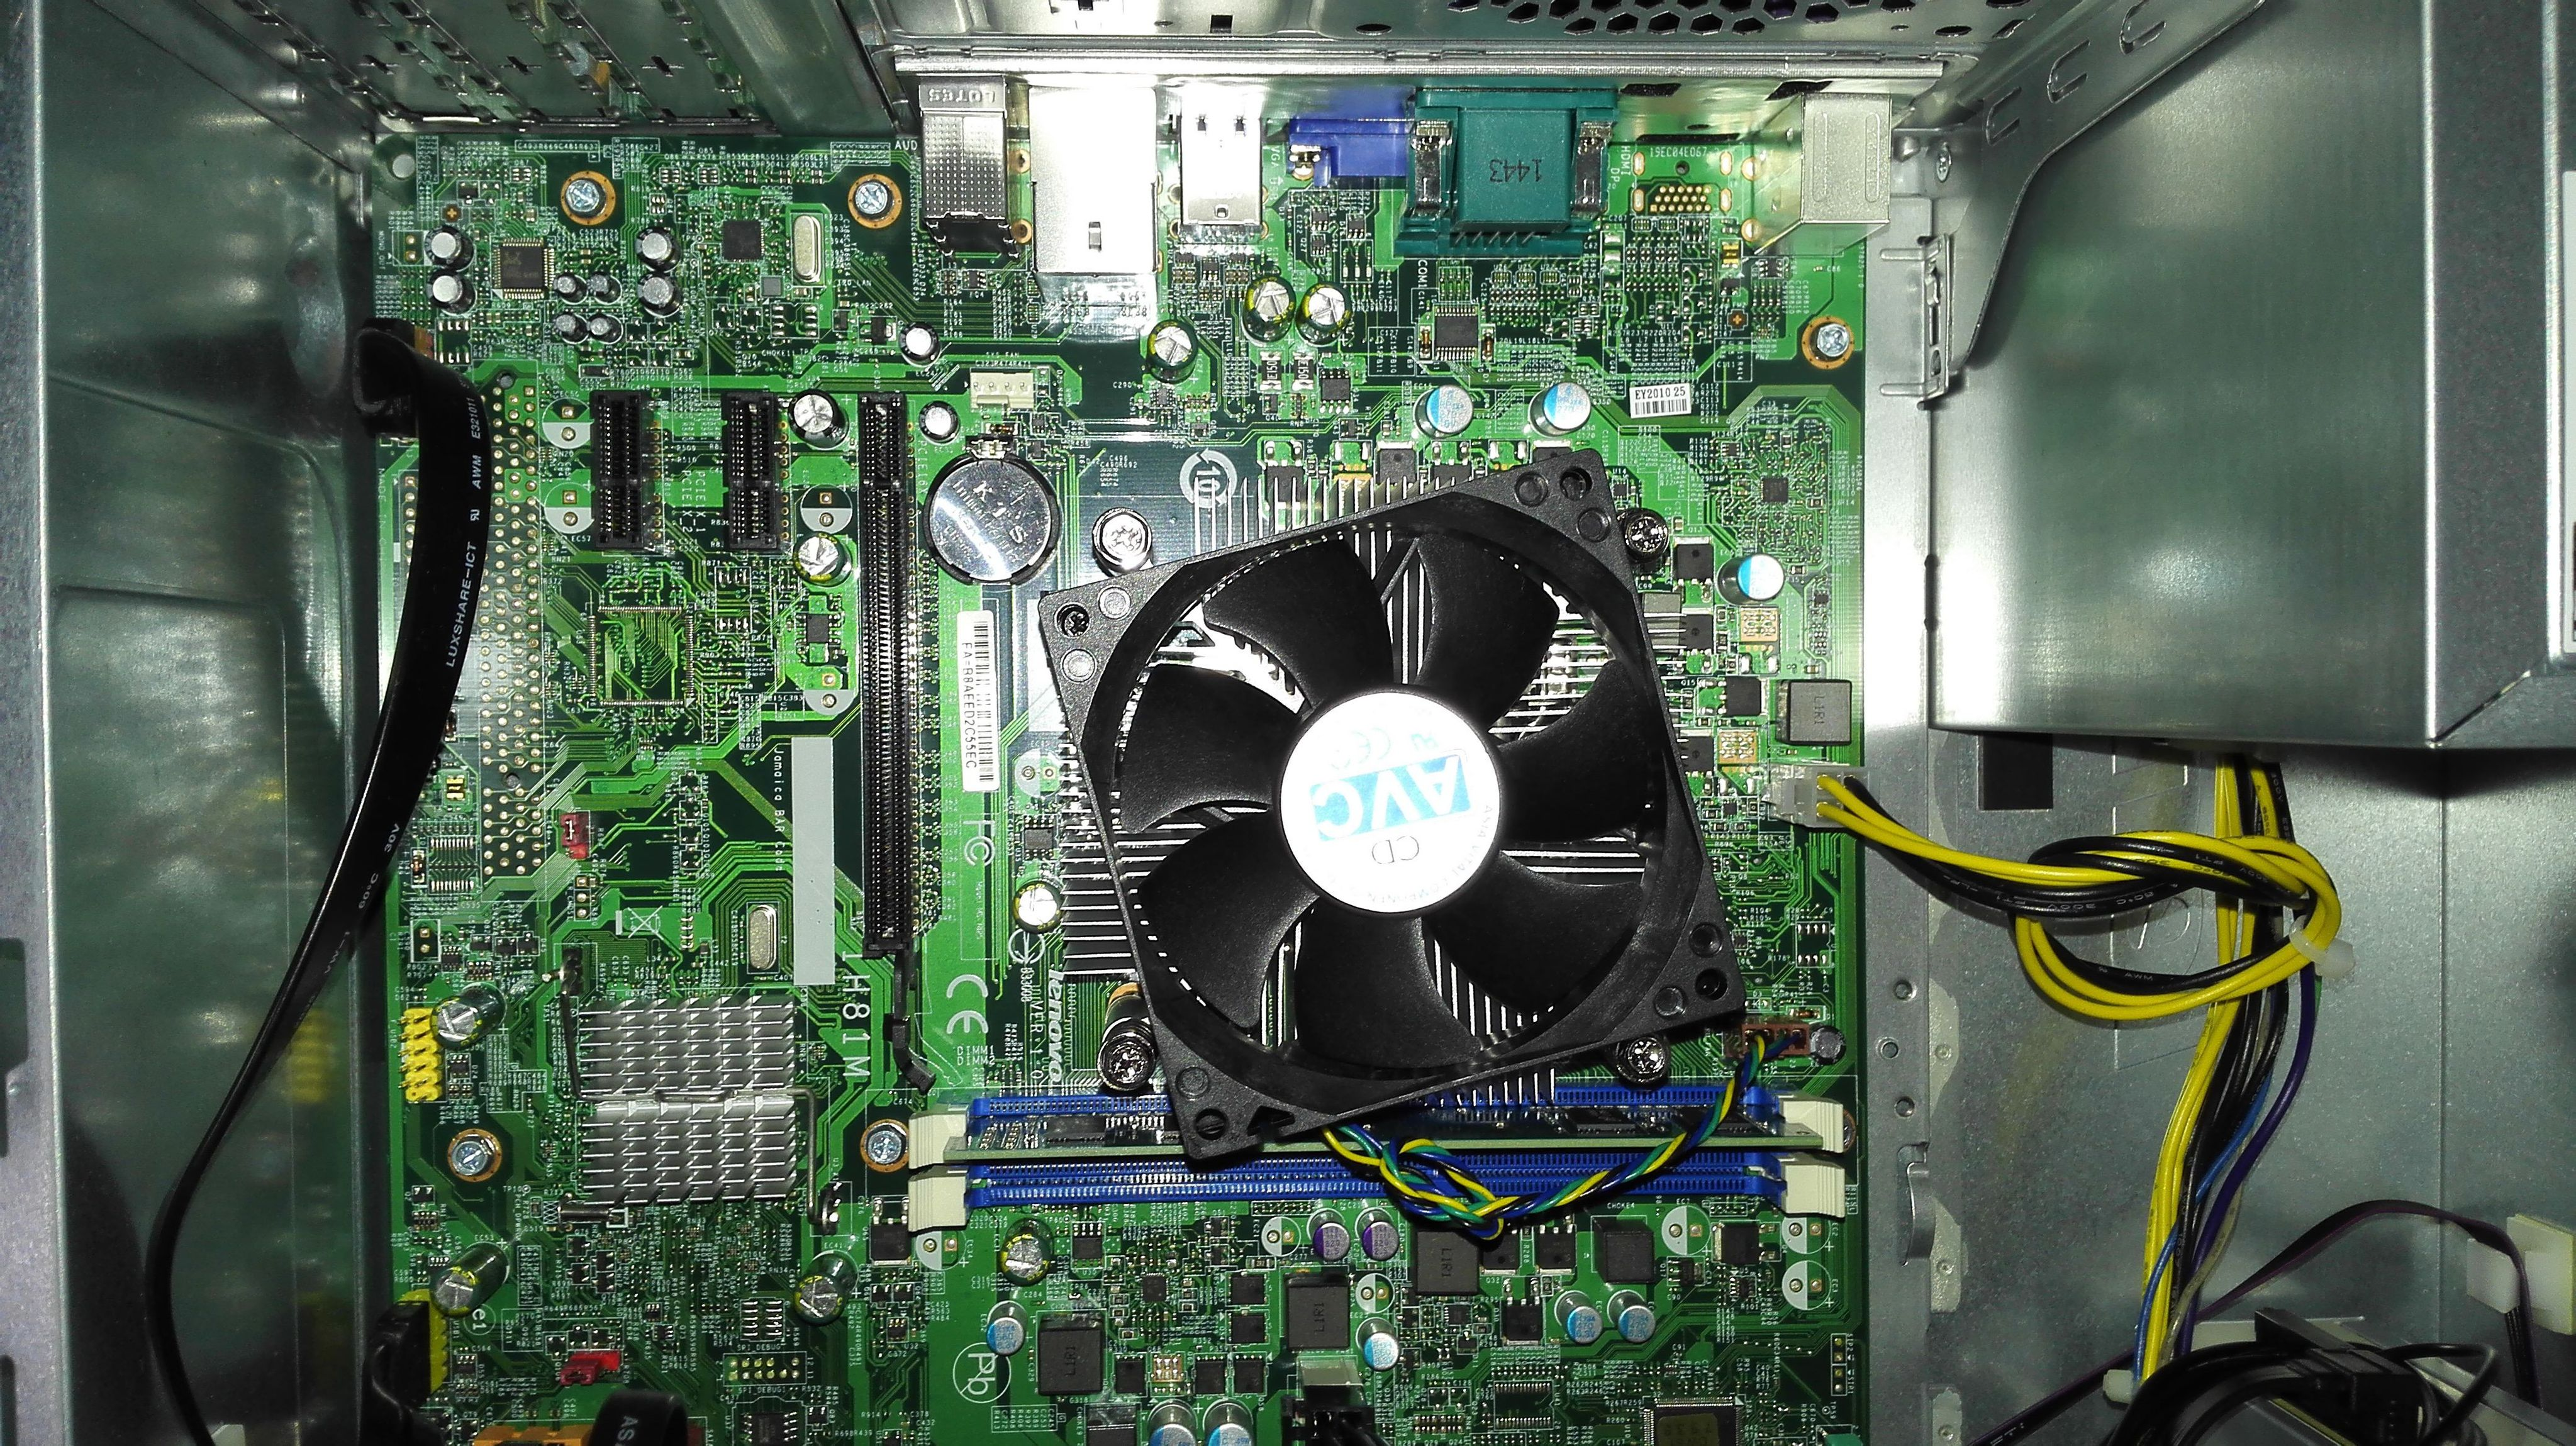 联想主板_联想 启天M4500-N000 台式电脑升级配置求推荐显卡及内存_百度知道